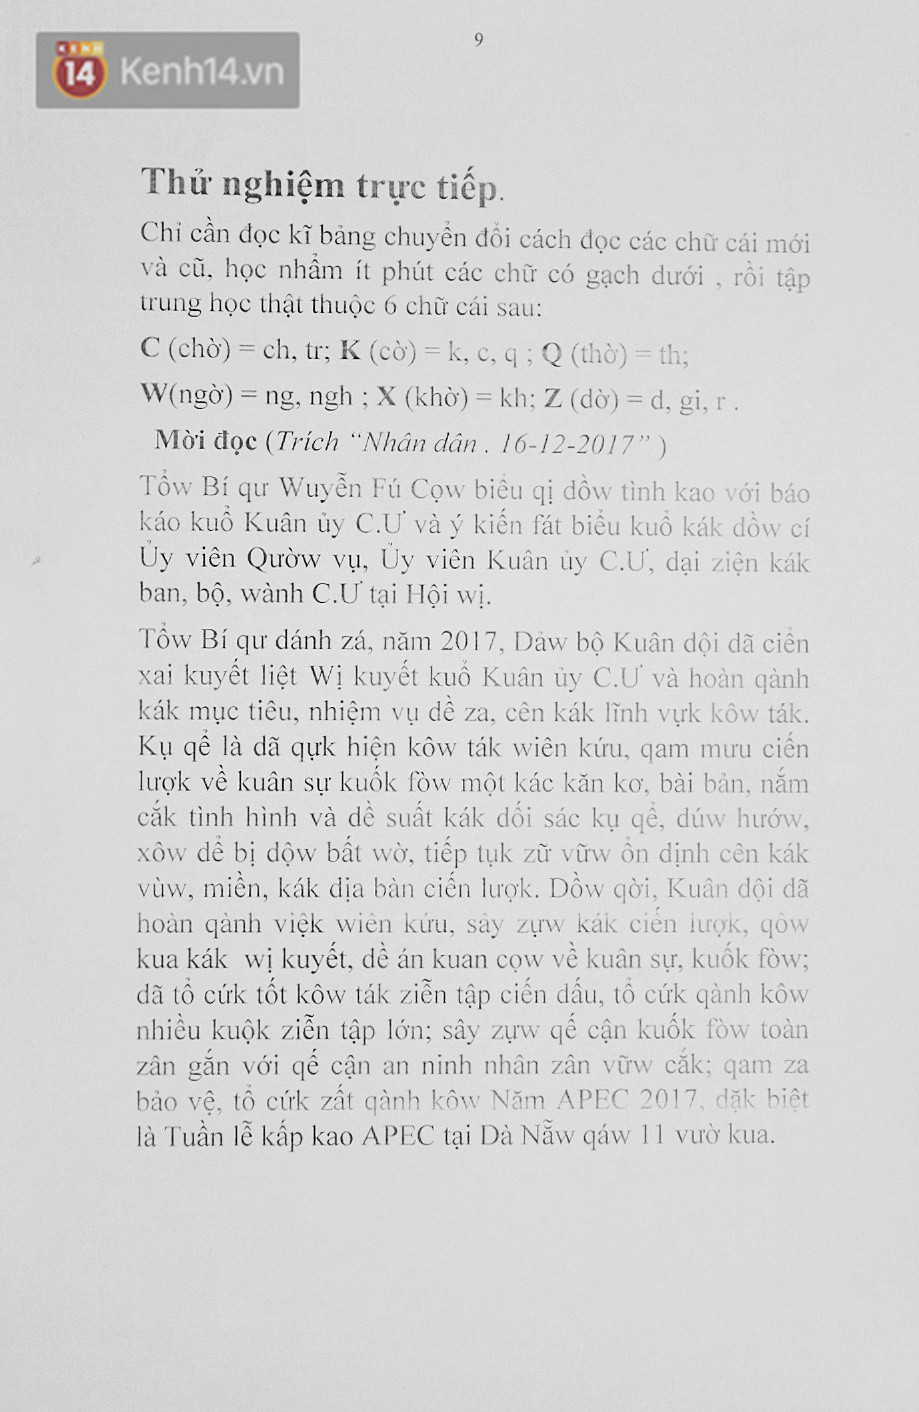 PGS.TS Bùi Hiền nói về phần 2 cải tiến tiếng Việt: Kuộk sốw gồm kí tự k (cờ) và w (ngờ), ghép lại vẫn đọc là cuộc sống thôi! - Ảnh 3.